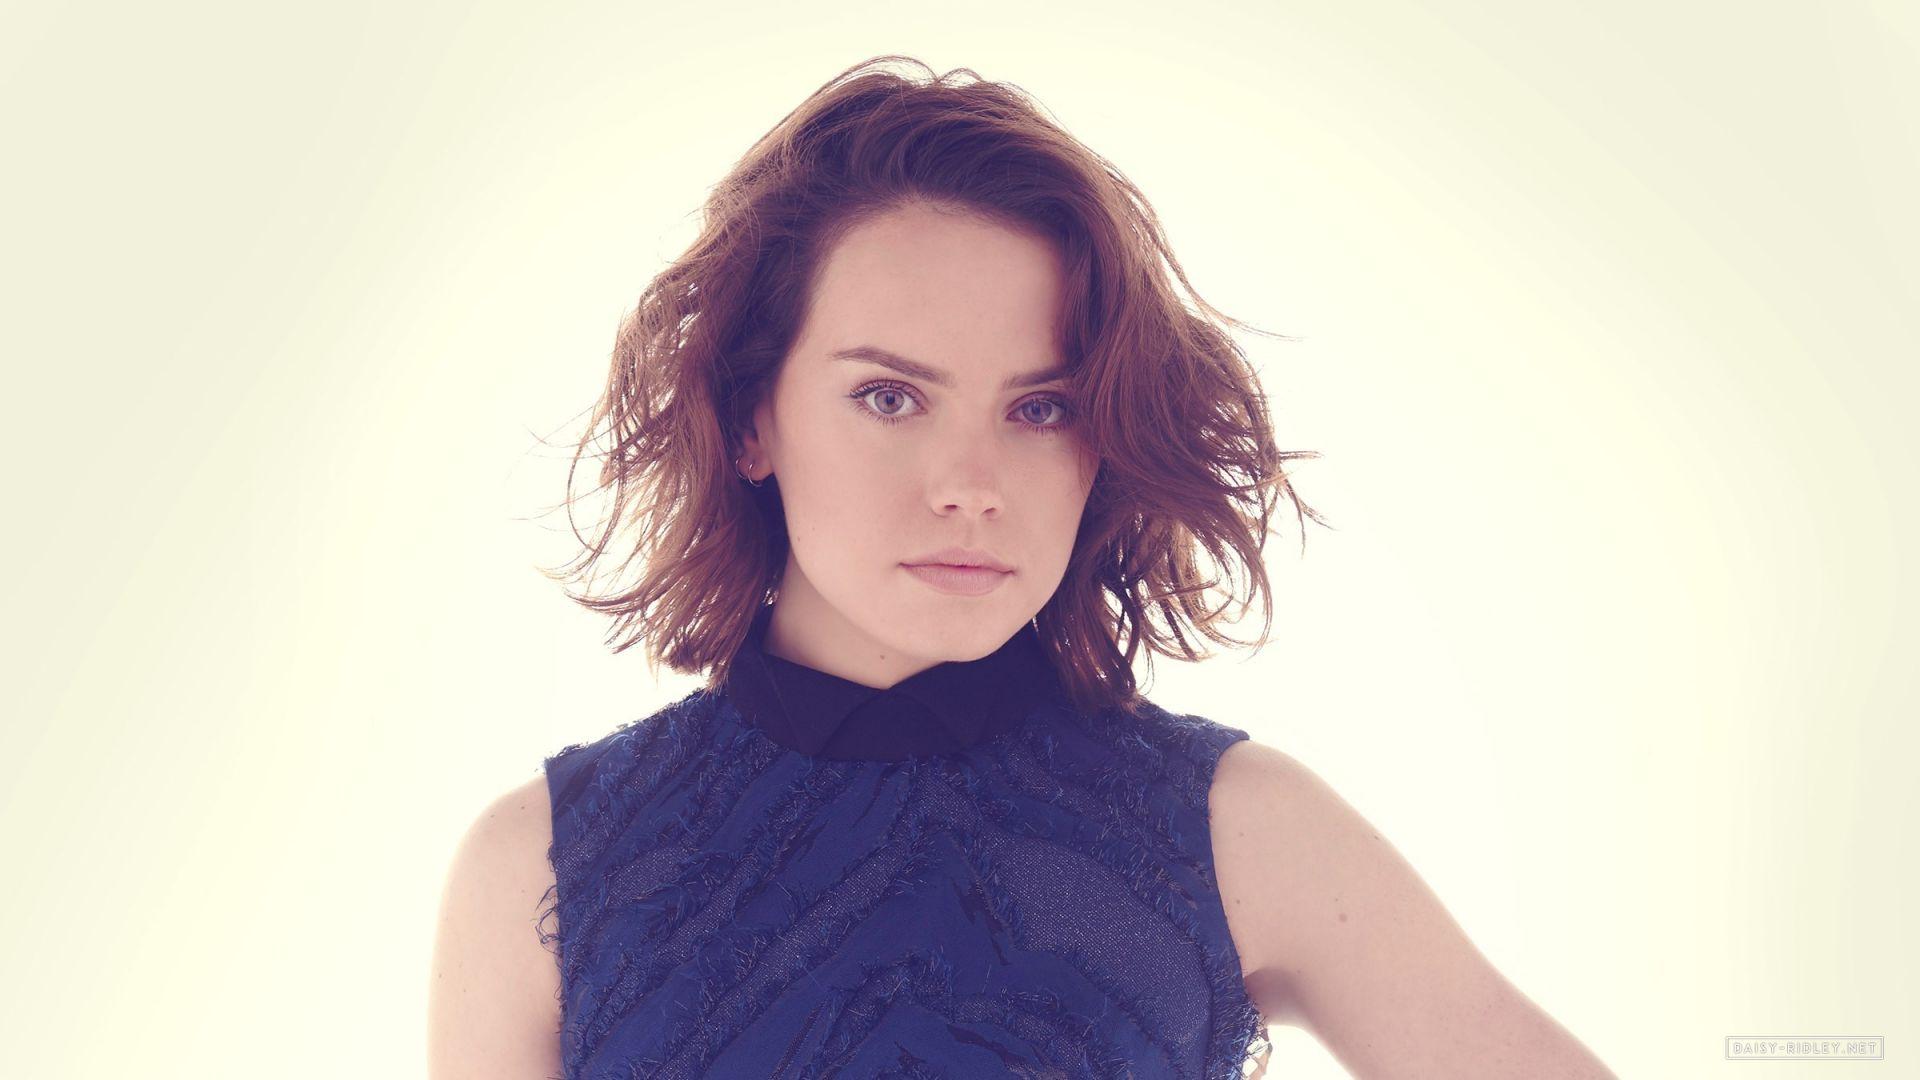 Wallpaper Daisy Ridley, actress, short hair